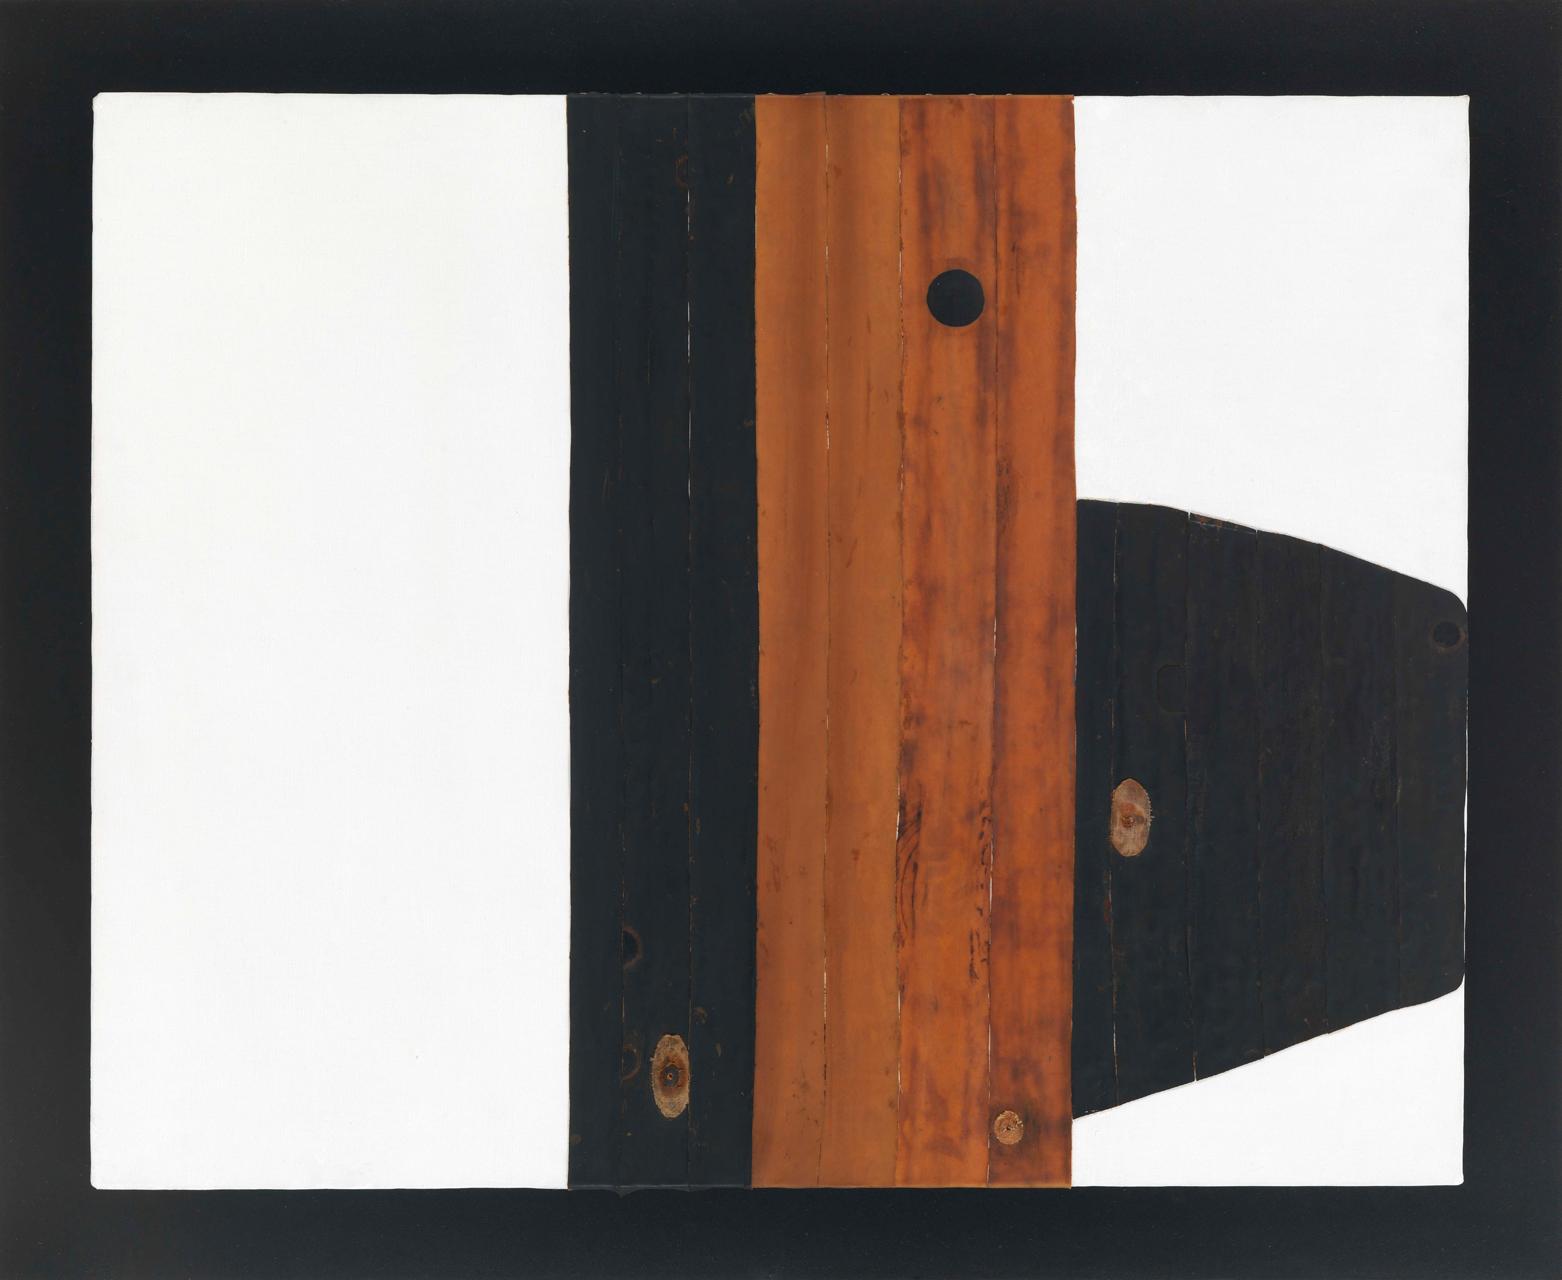 Carol Rama, Spazio anche più che tempo, 1970, Collage mit Reifen auf Leinwand, 80 x 100 cm